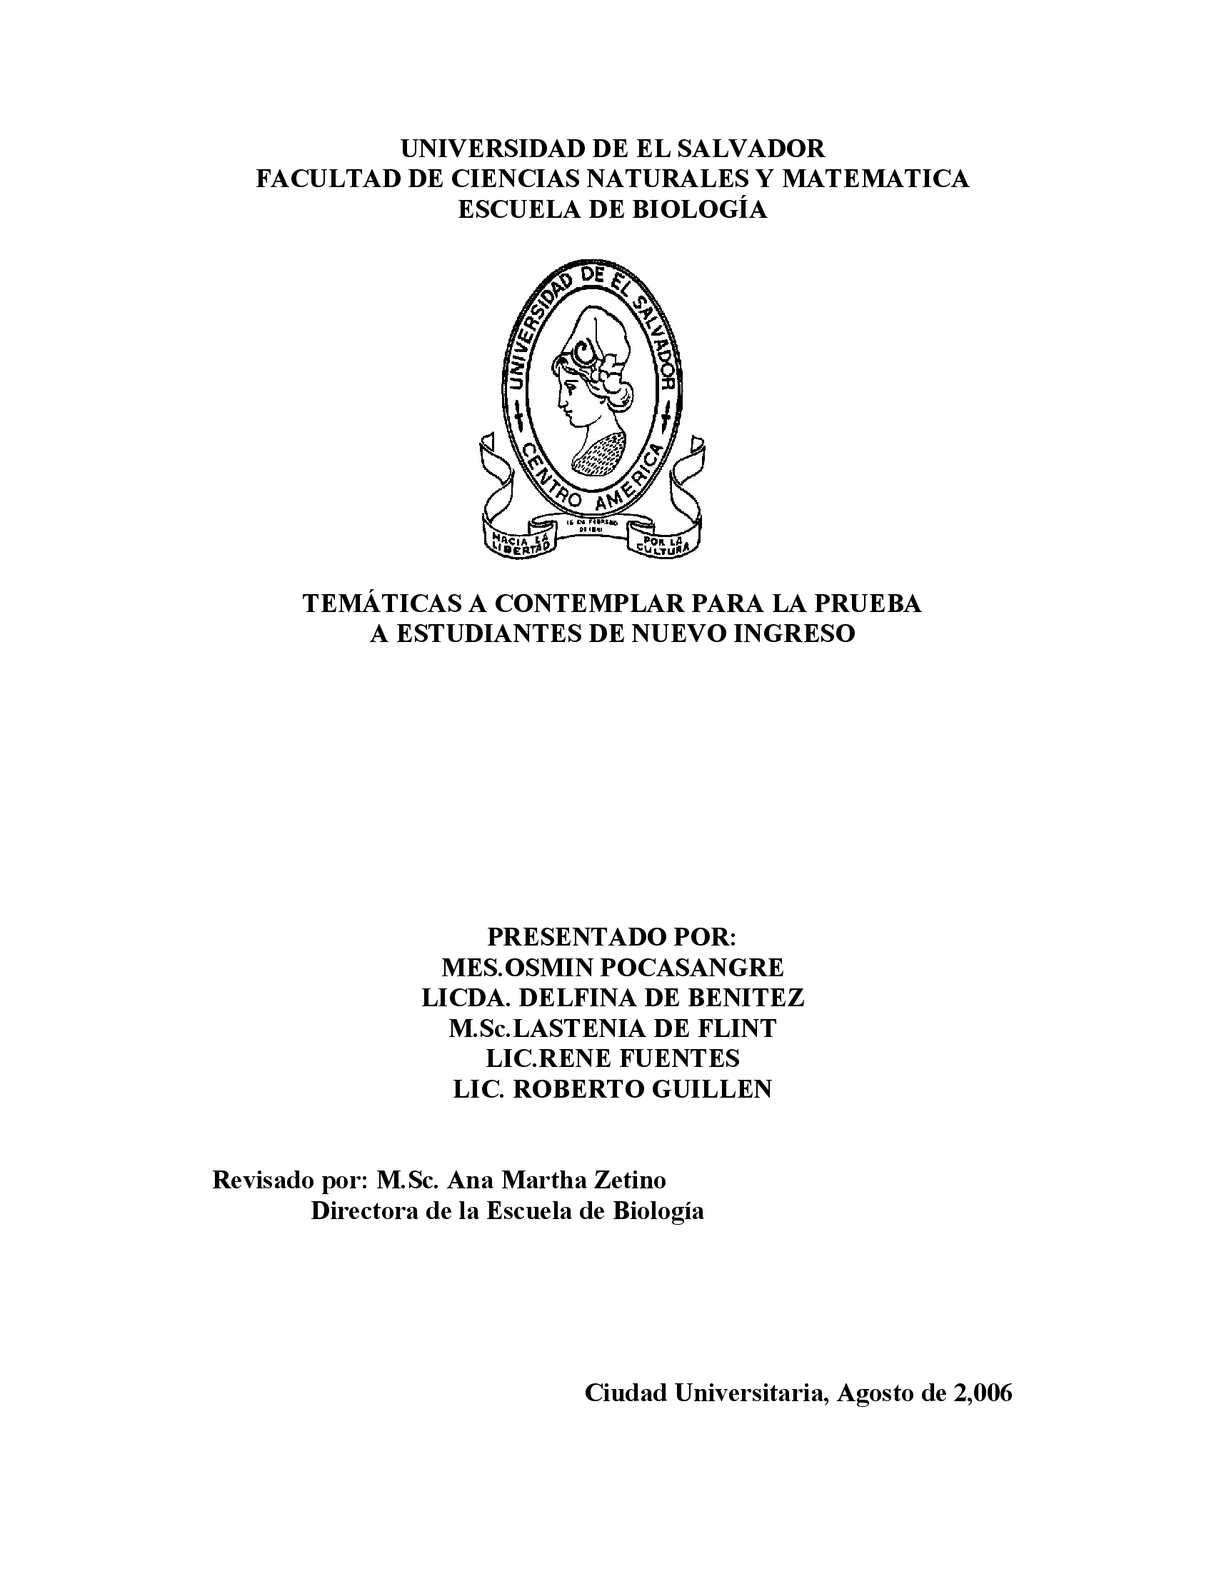 Calaméo - Módulo de Biología de la Universidad de El Salvador